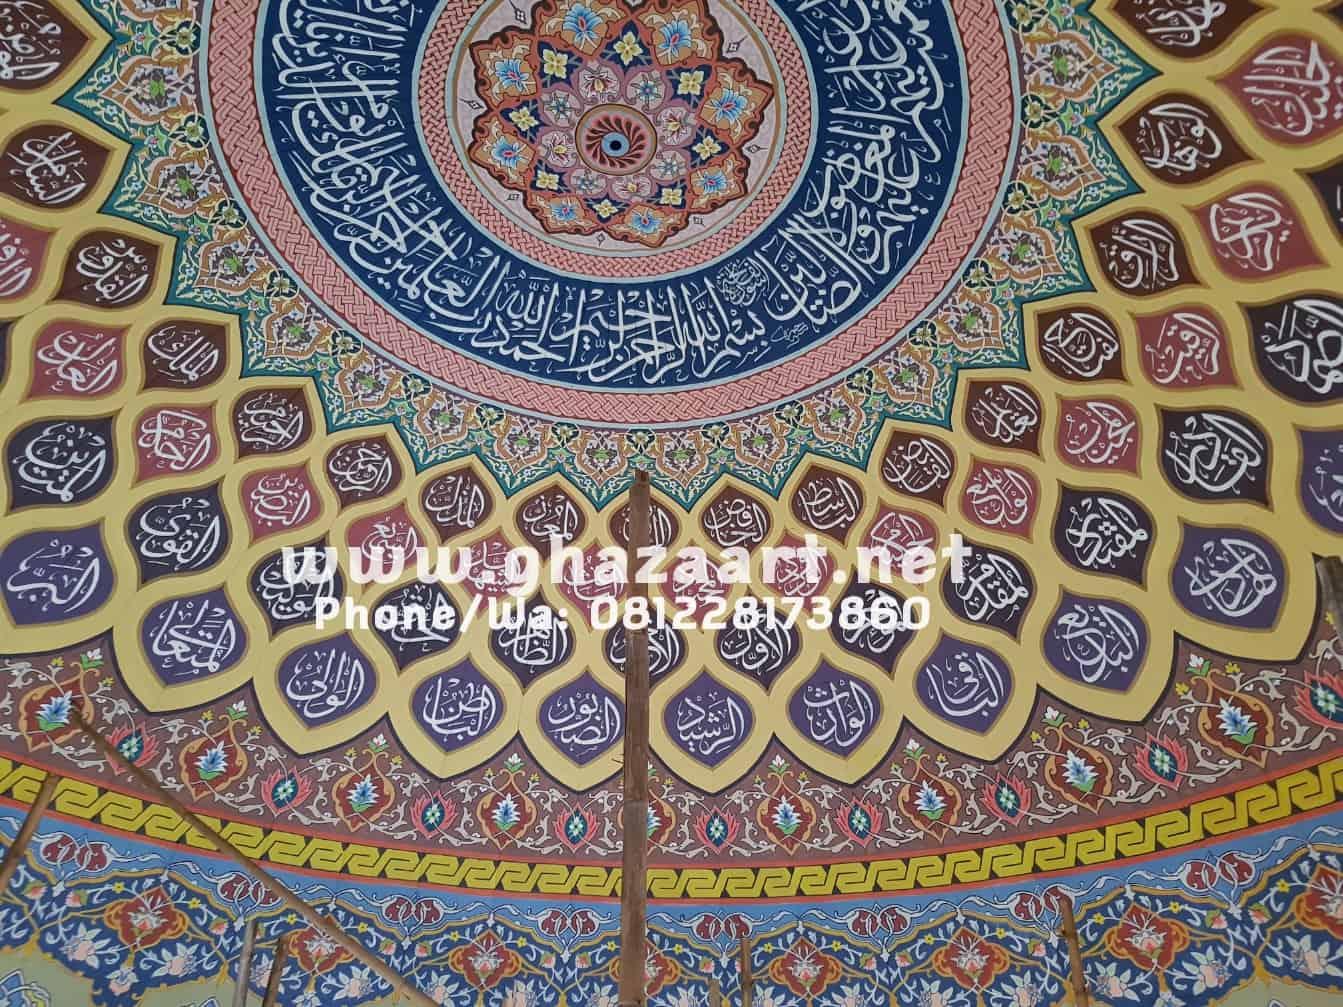 Dekorasi kubah masjid baitur rohman